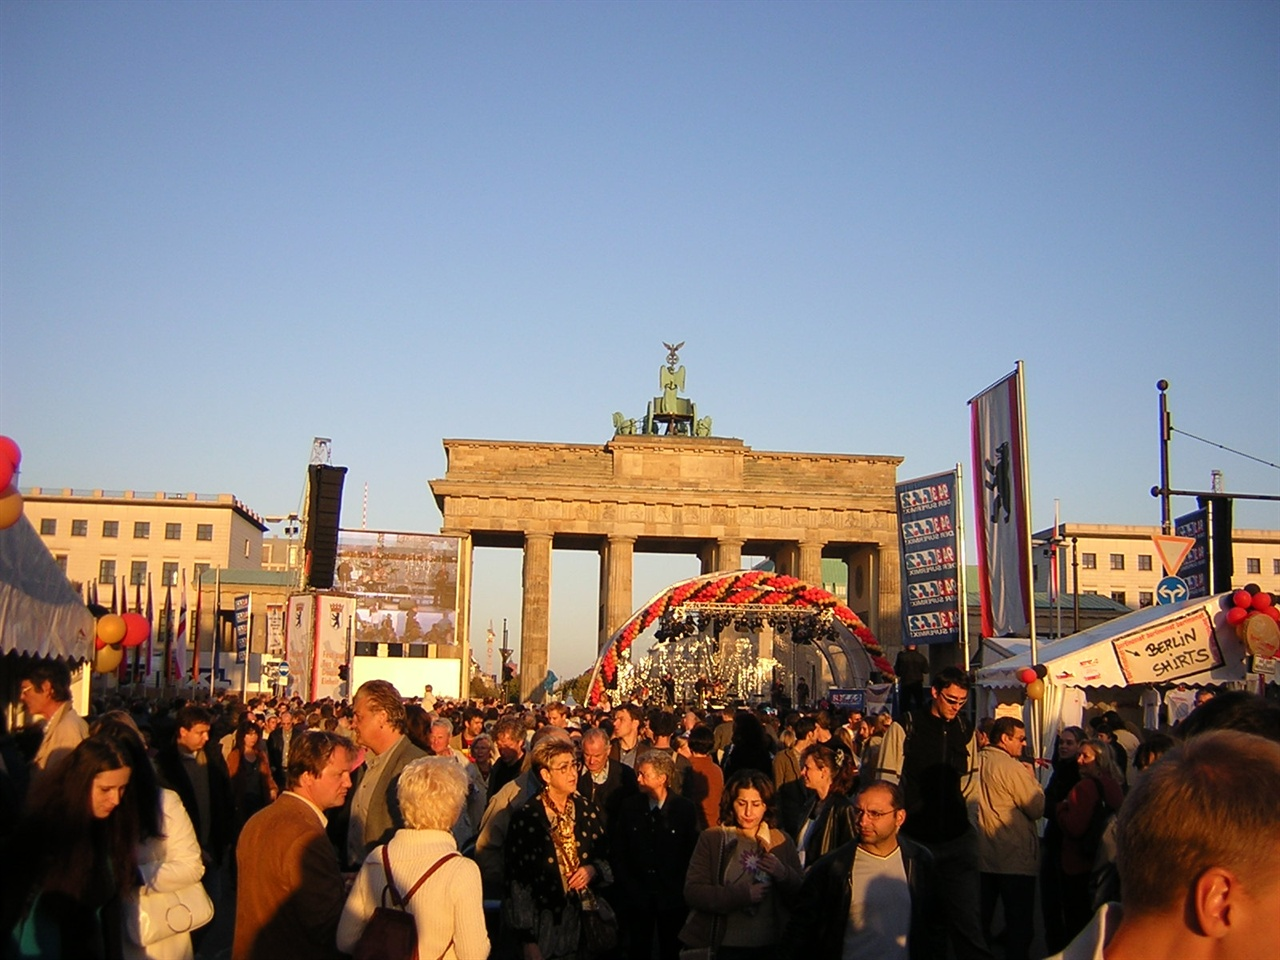 2000년대 초반 독일통일의 날 행사 풍경.